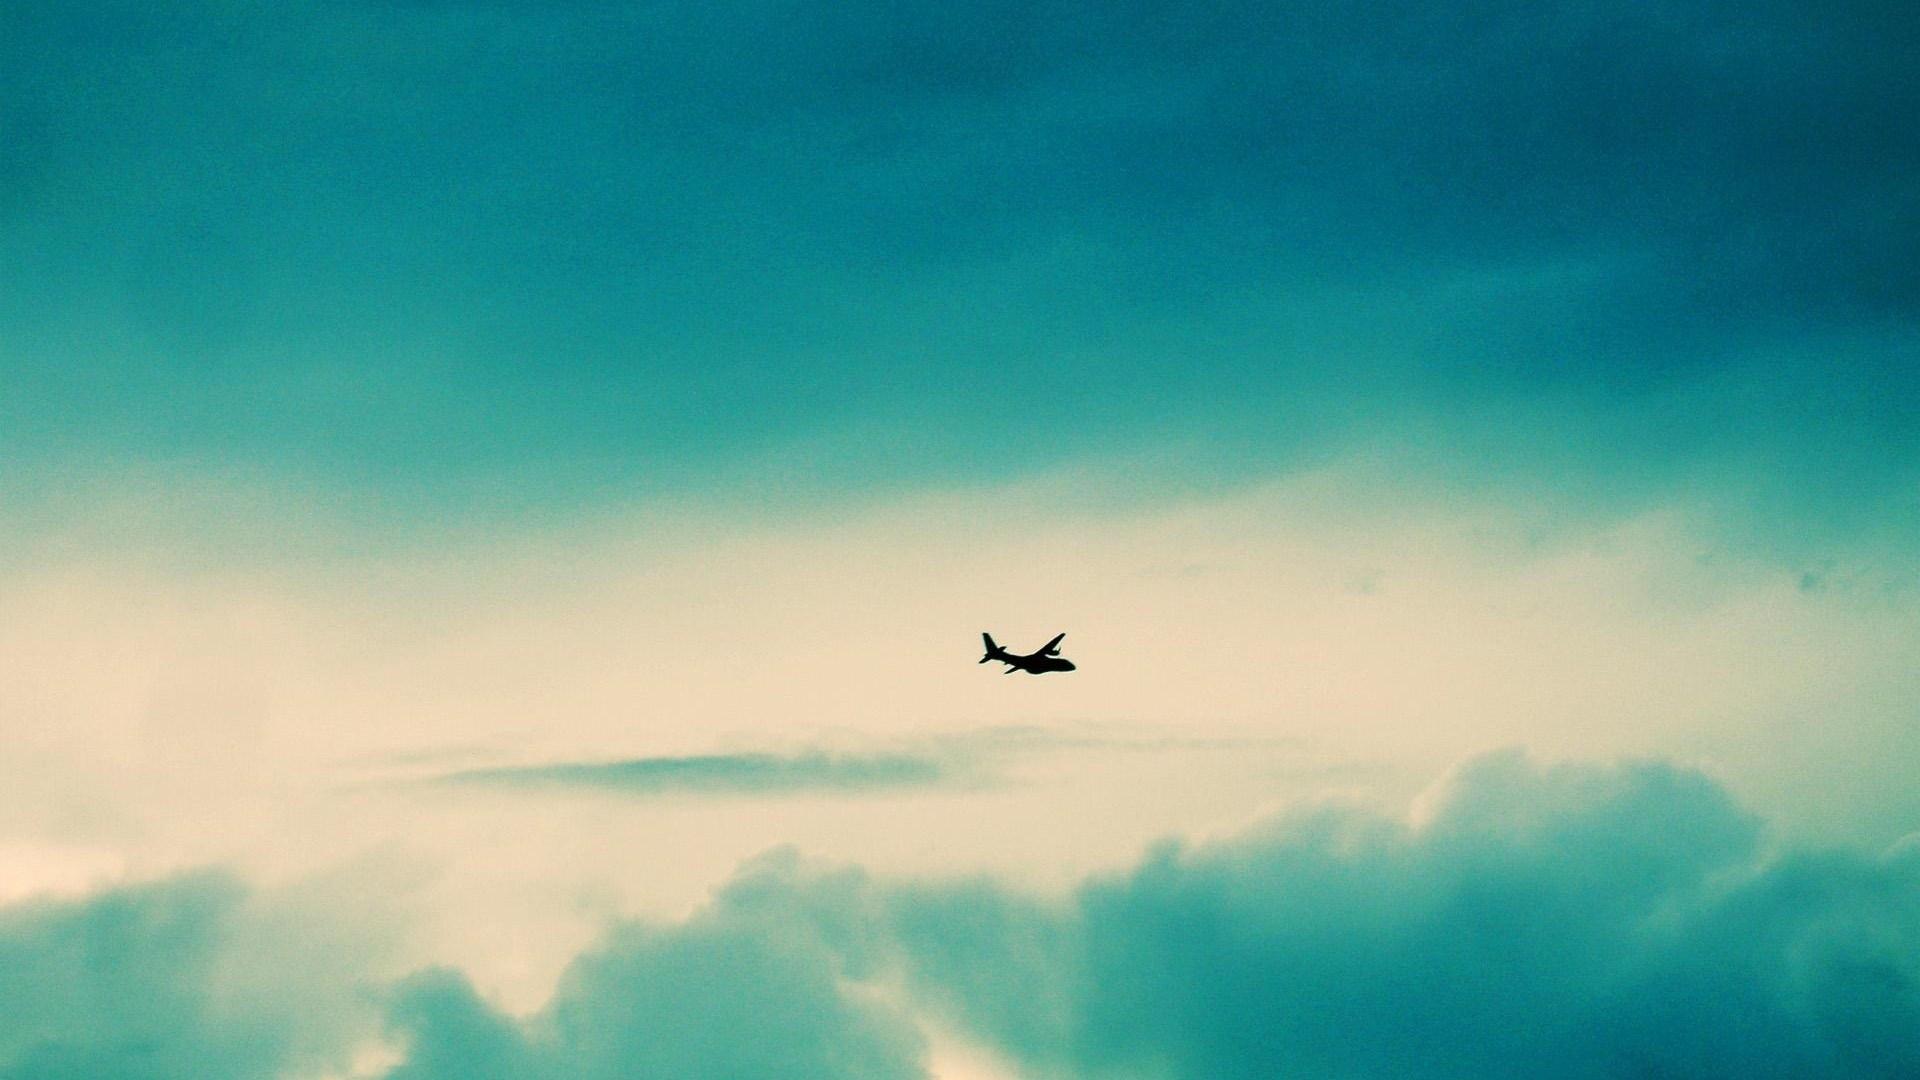 Aircraft Turquoise Clouds Desktop Wallpaper.jpg